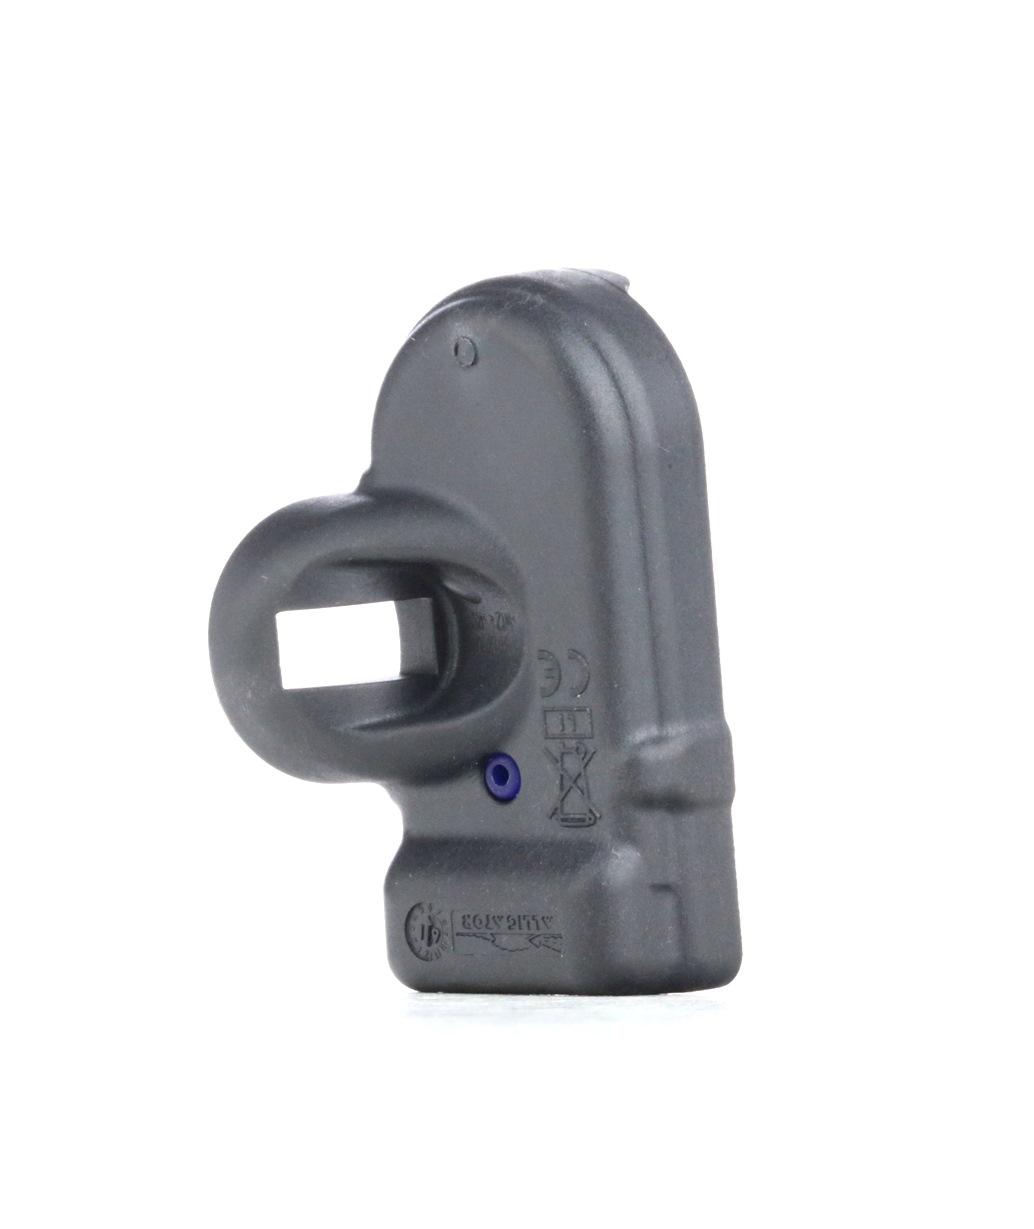 Αισθητήρας τροχού, σύστημα ελέγχου πίεσης ελαστικών ALLIGATOR 9-590914 εκτίμηση